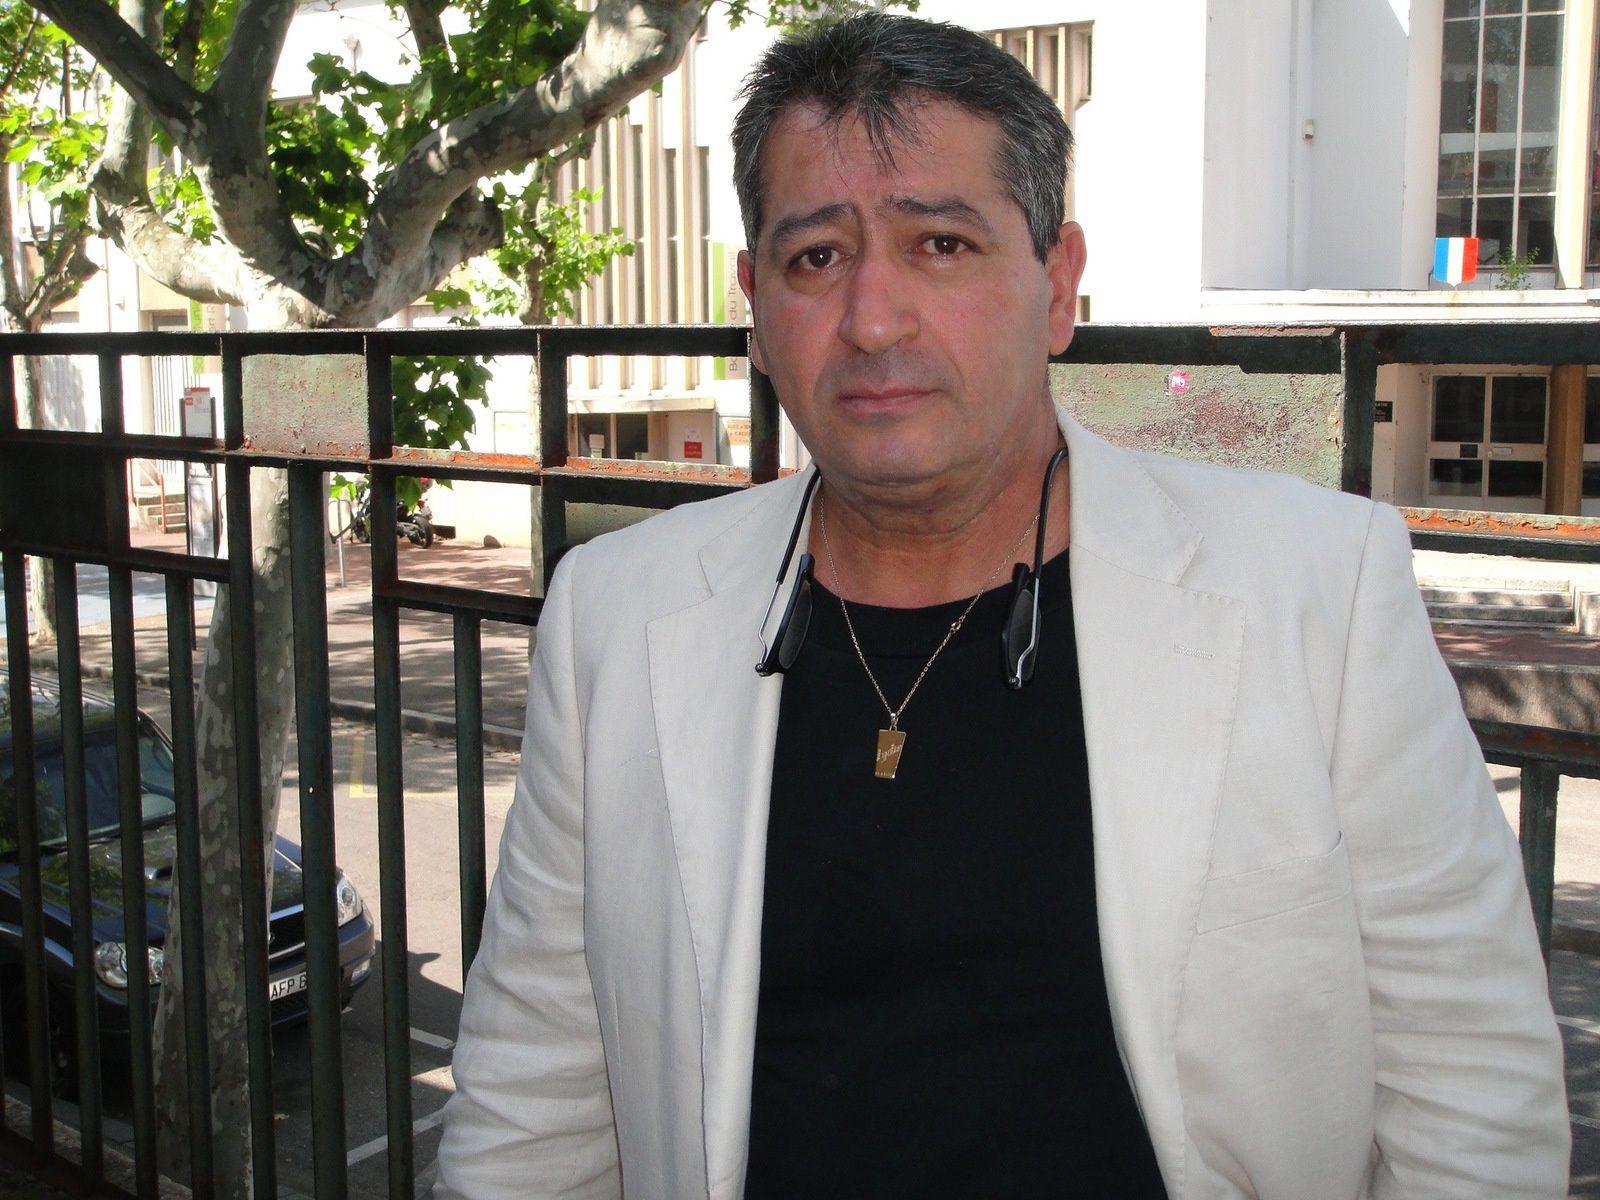 Djamel Bezriche l'un des grands maîtres de la discipline